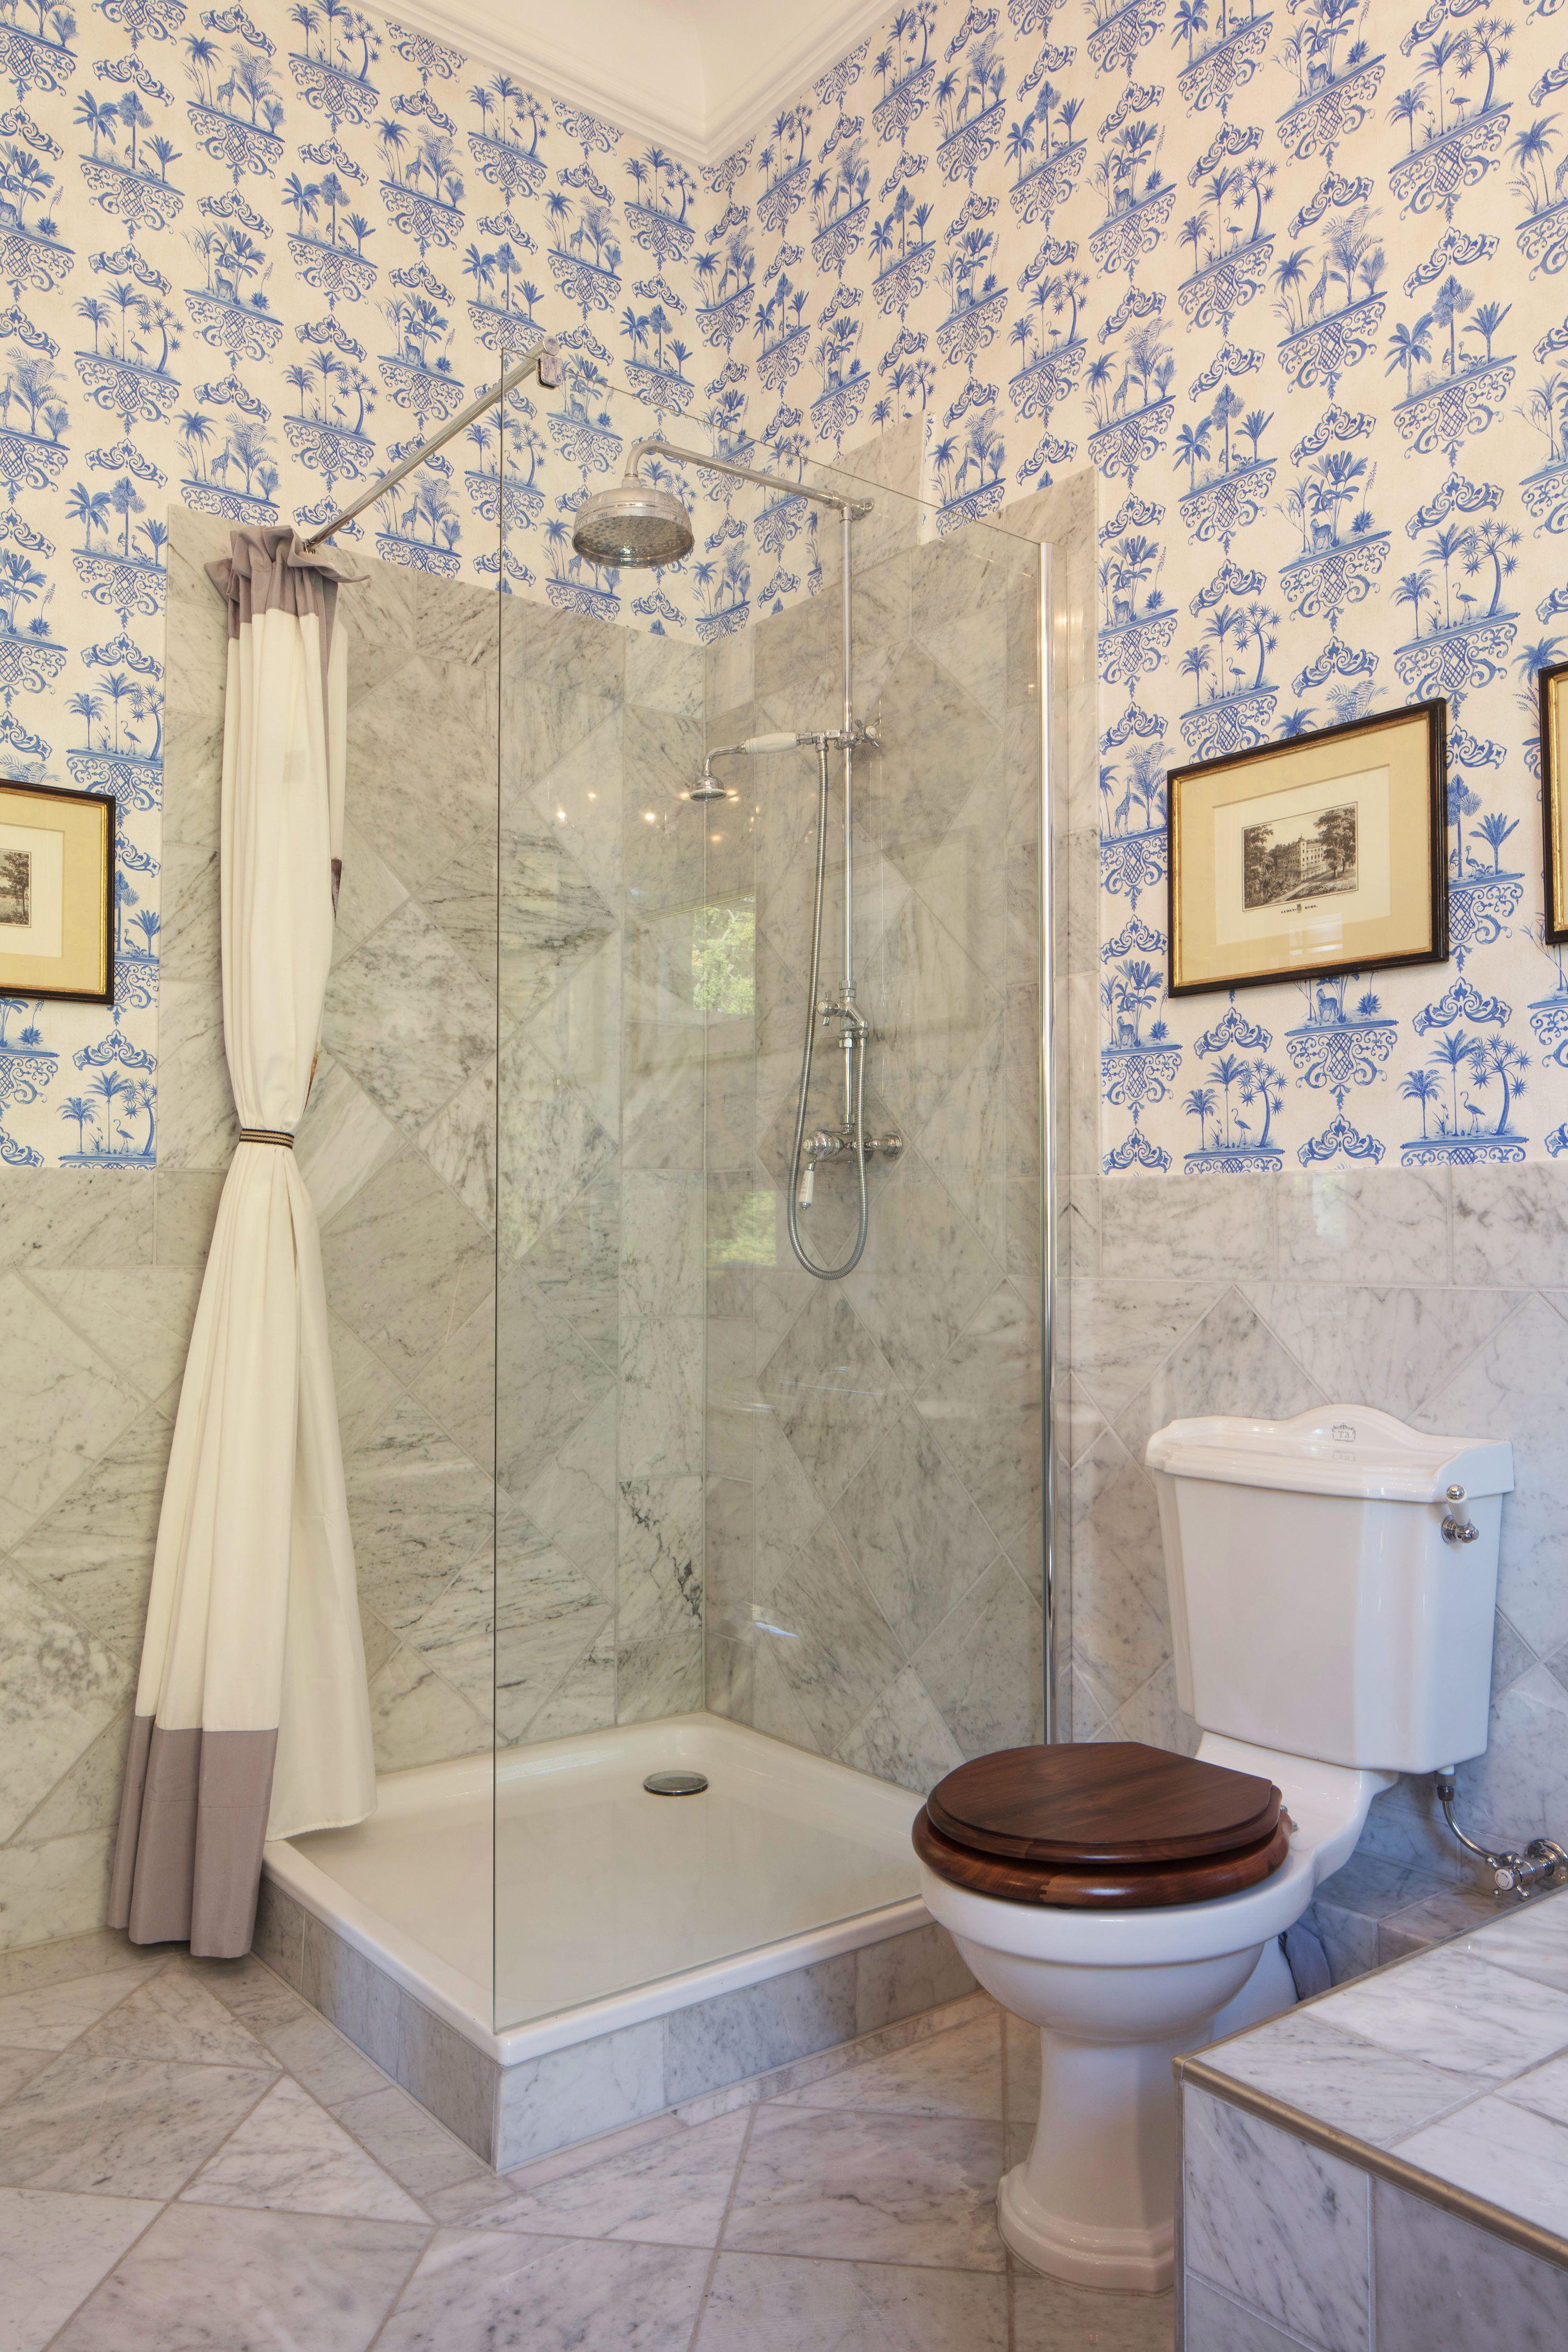 Nostalgie Dusche Traditionelle Bader Dusche Badezimmer